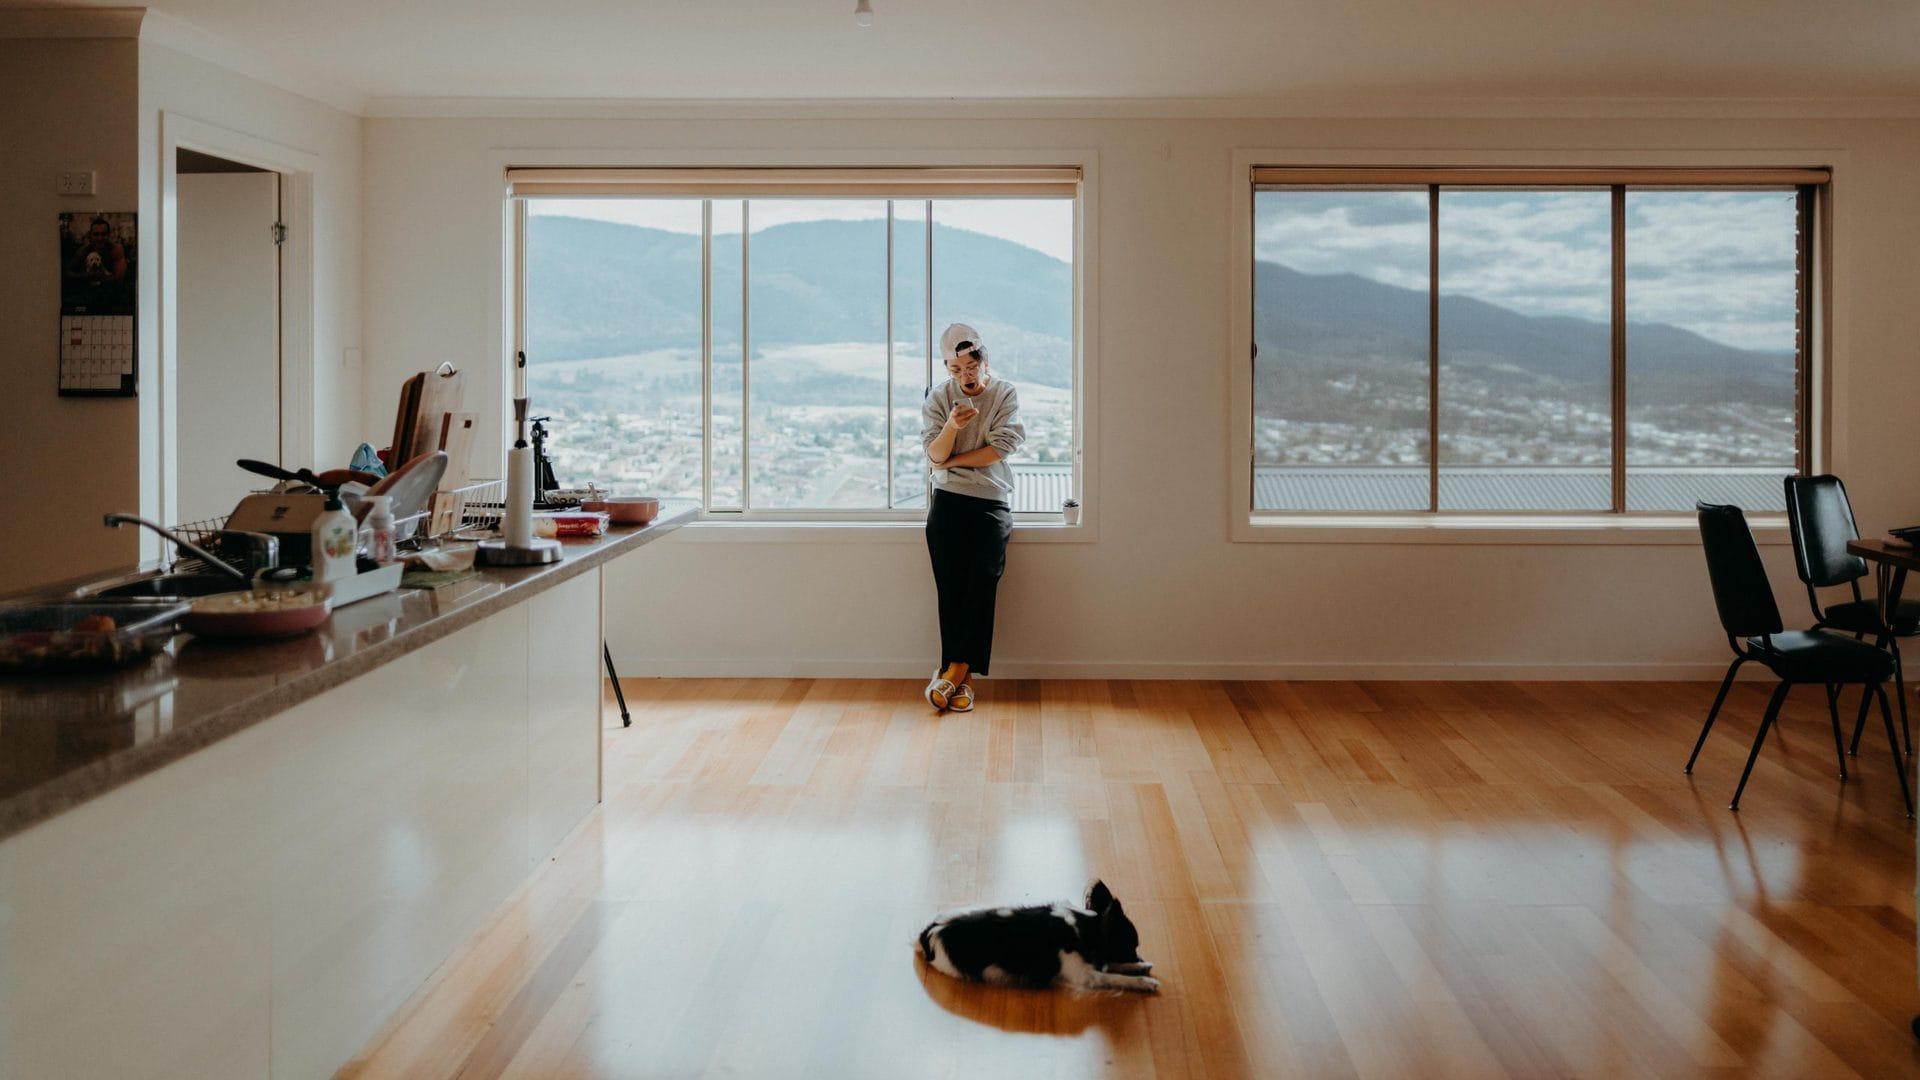 Open keuken met laminaatvloer